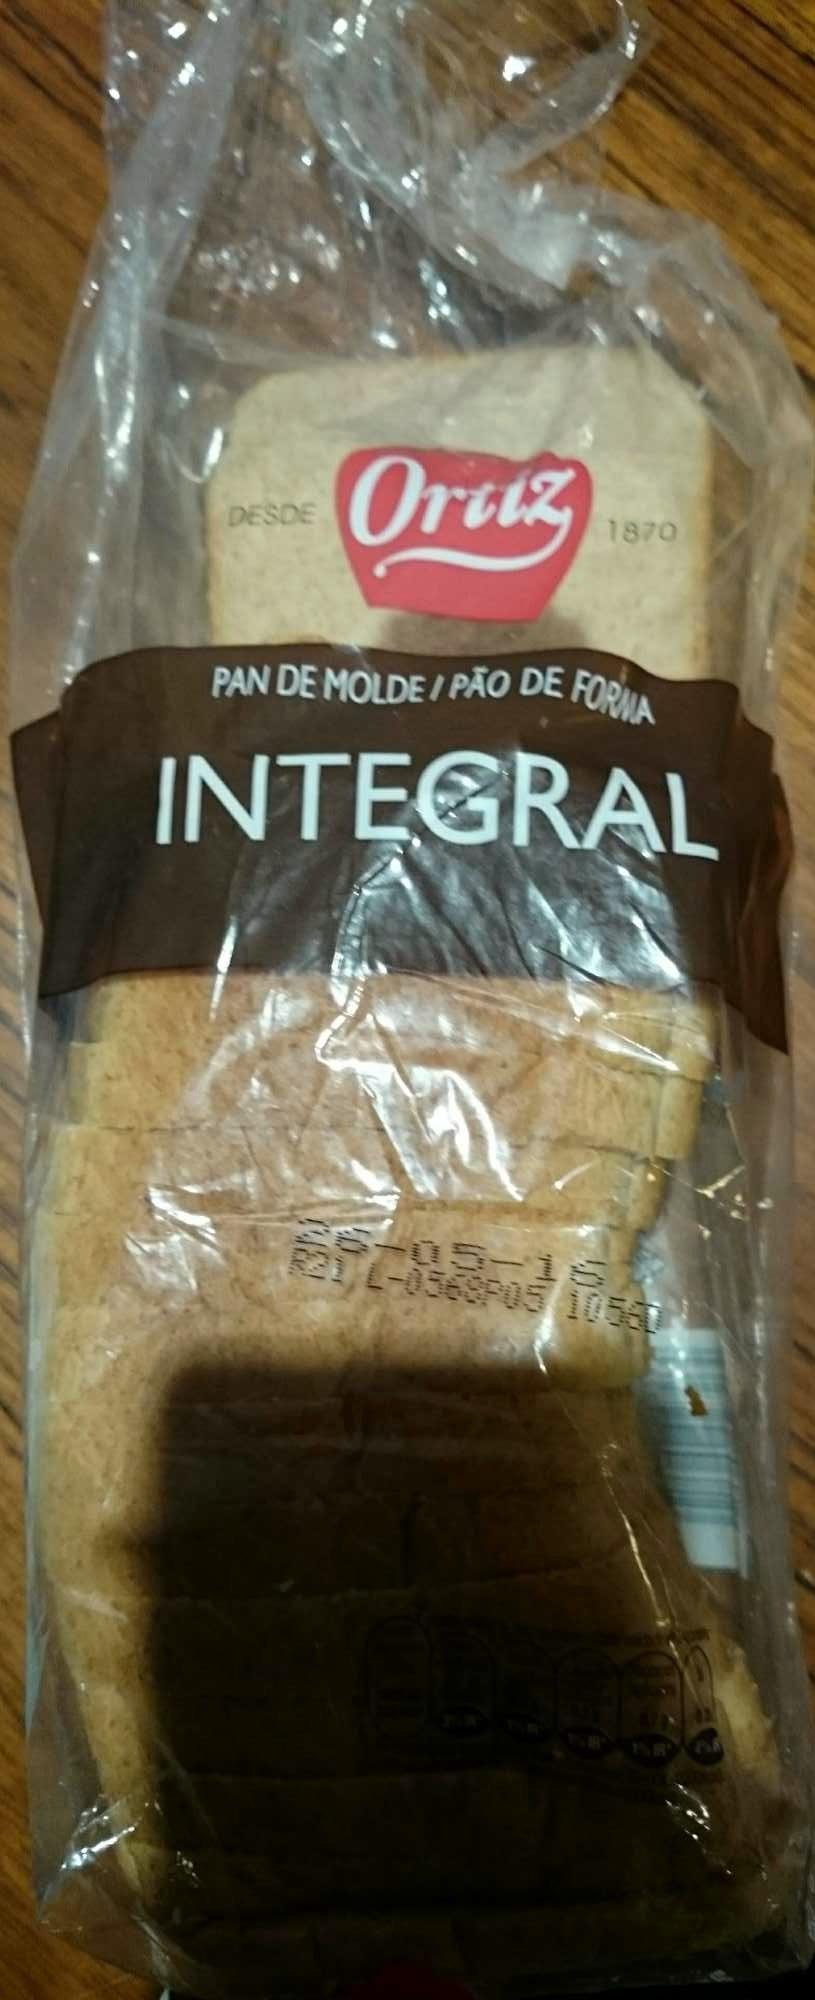 Pão de Forma Integral - Product